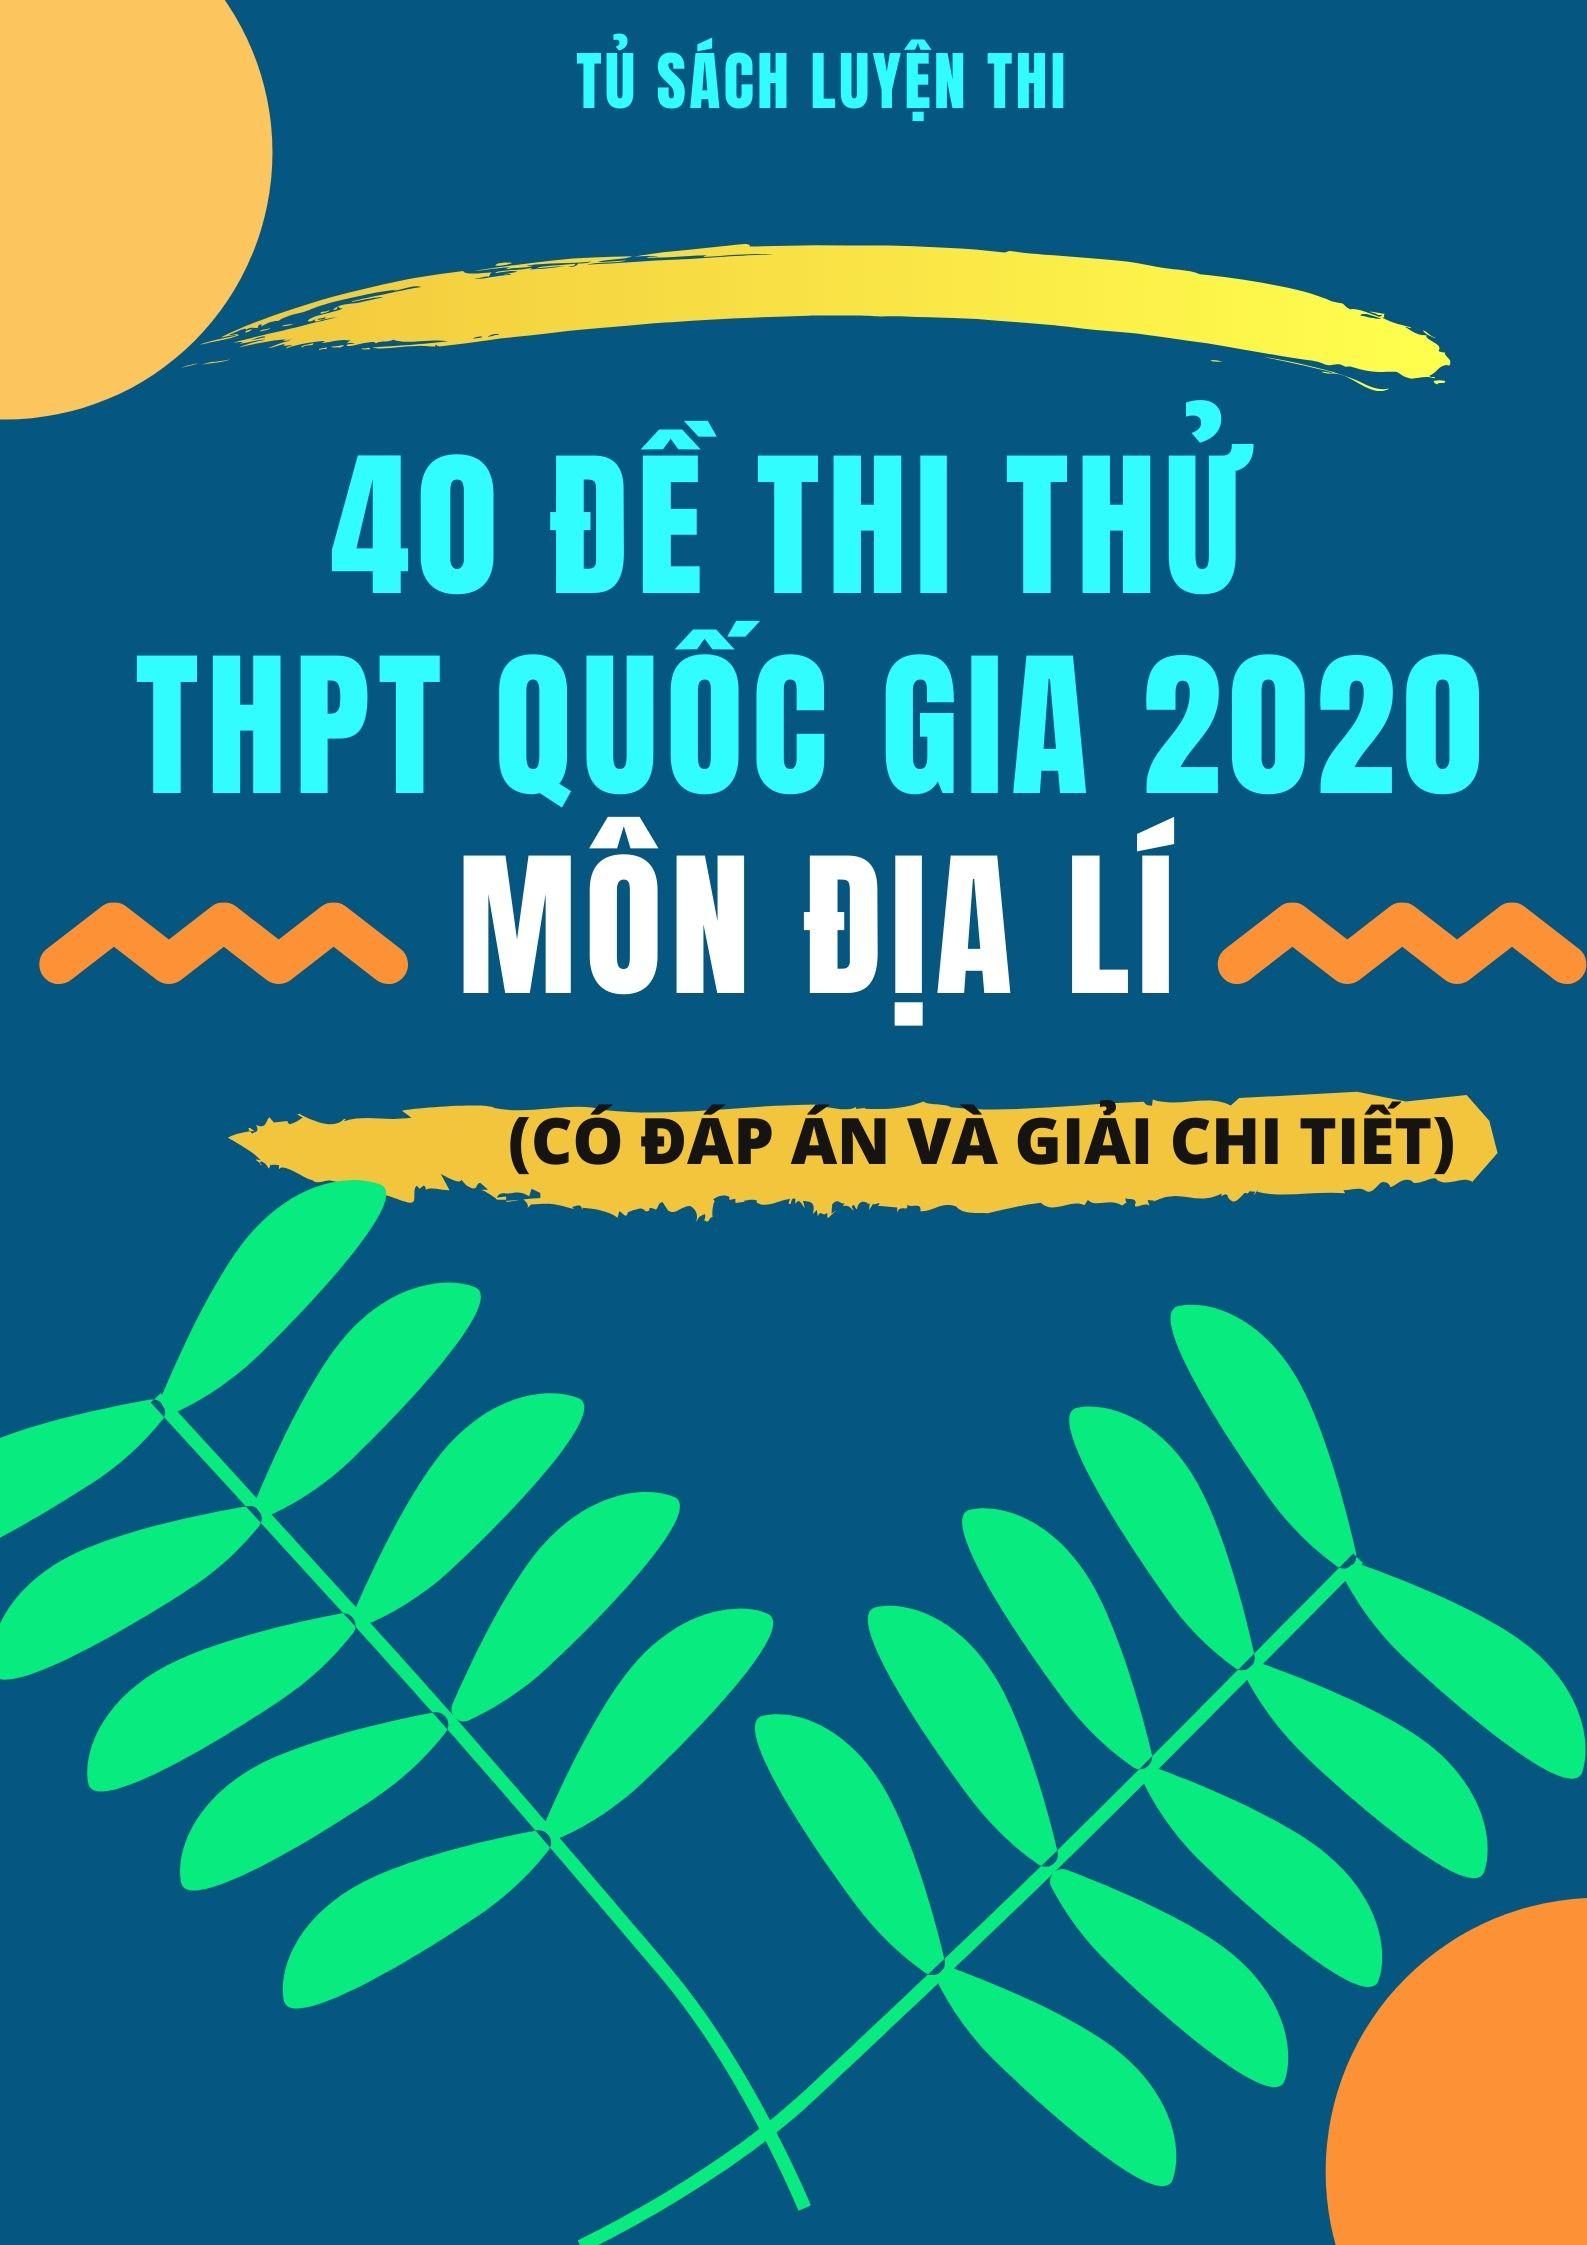 Tải sách: 40 đề thi thử THPT Quốc Gia 2020 môn địa lí